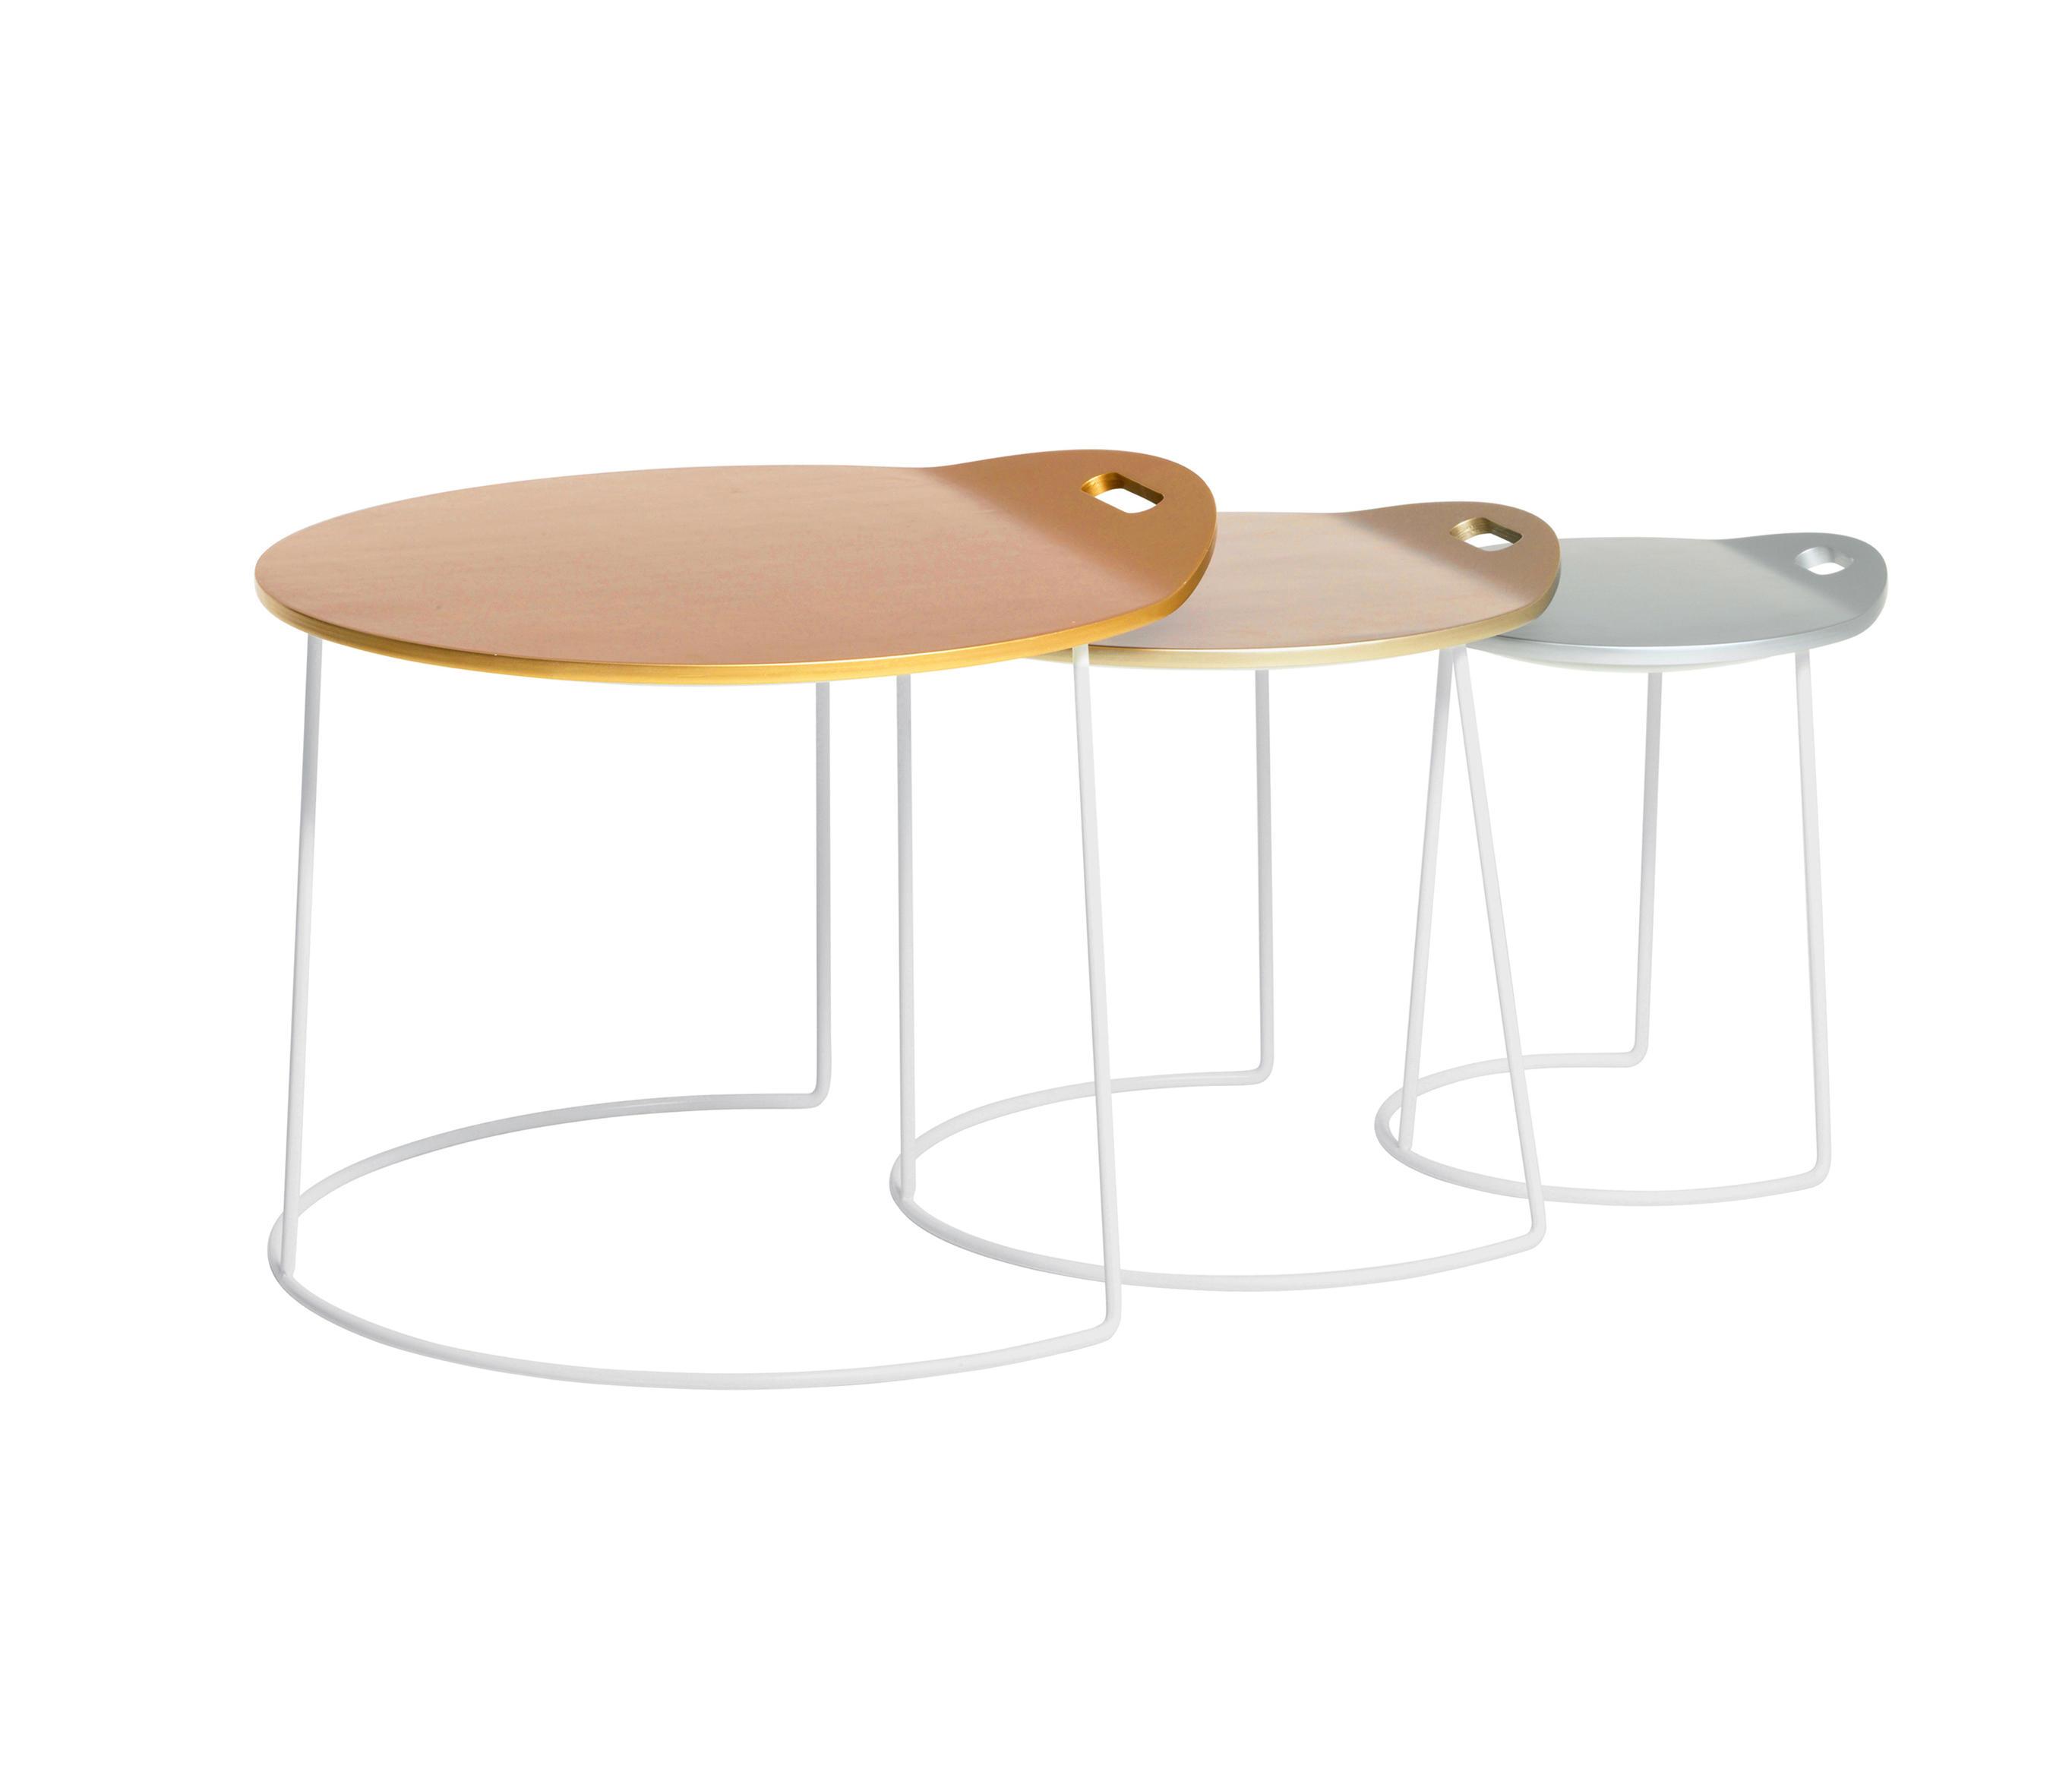 Salle De Bain Pfister ~ pompaples 3 tables gigognes tables d appoint de atelier pfister